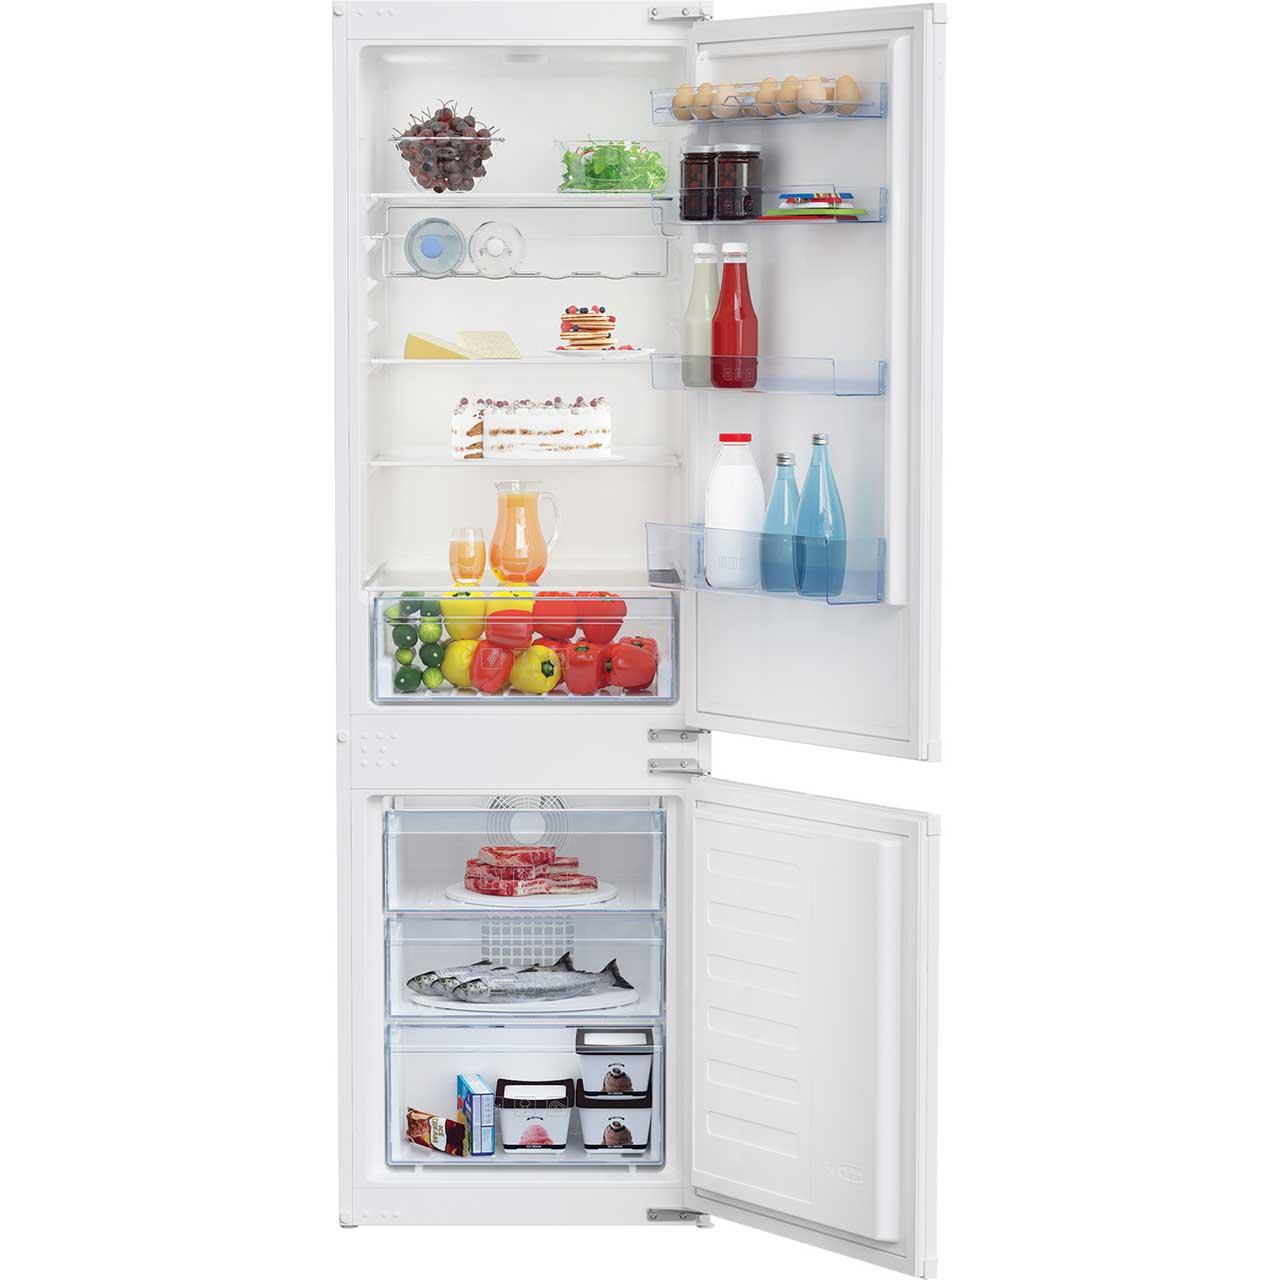 beko bcsd173 integrated 70 30 fridge freezer jack. Black Bedroom Furniture Sets. Home Design Ideas